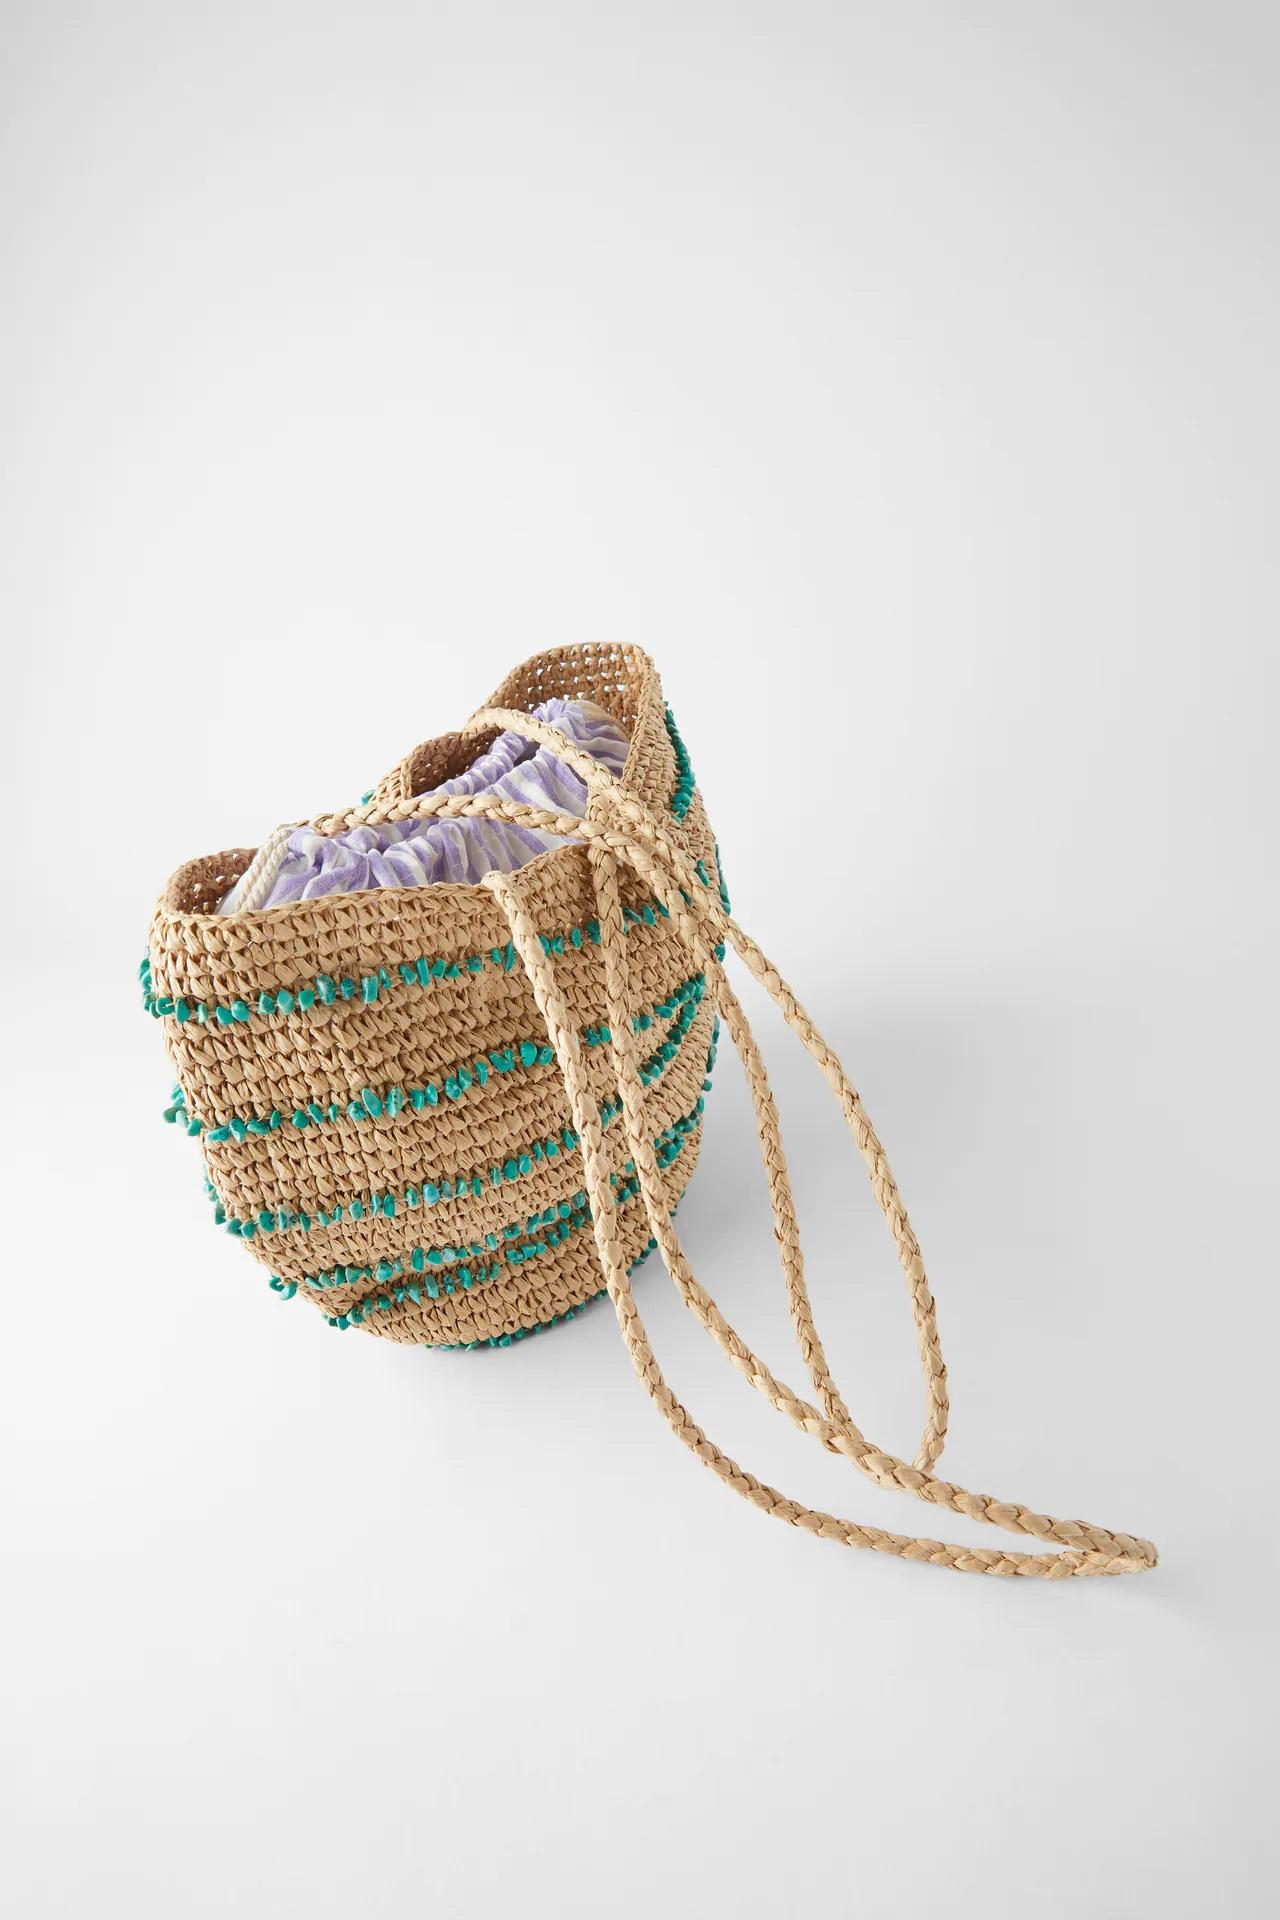 Zara rebajas: Imposible resistirse a estos 5 bolsos por menos de 10 euros ideales para cualquier ocasión